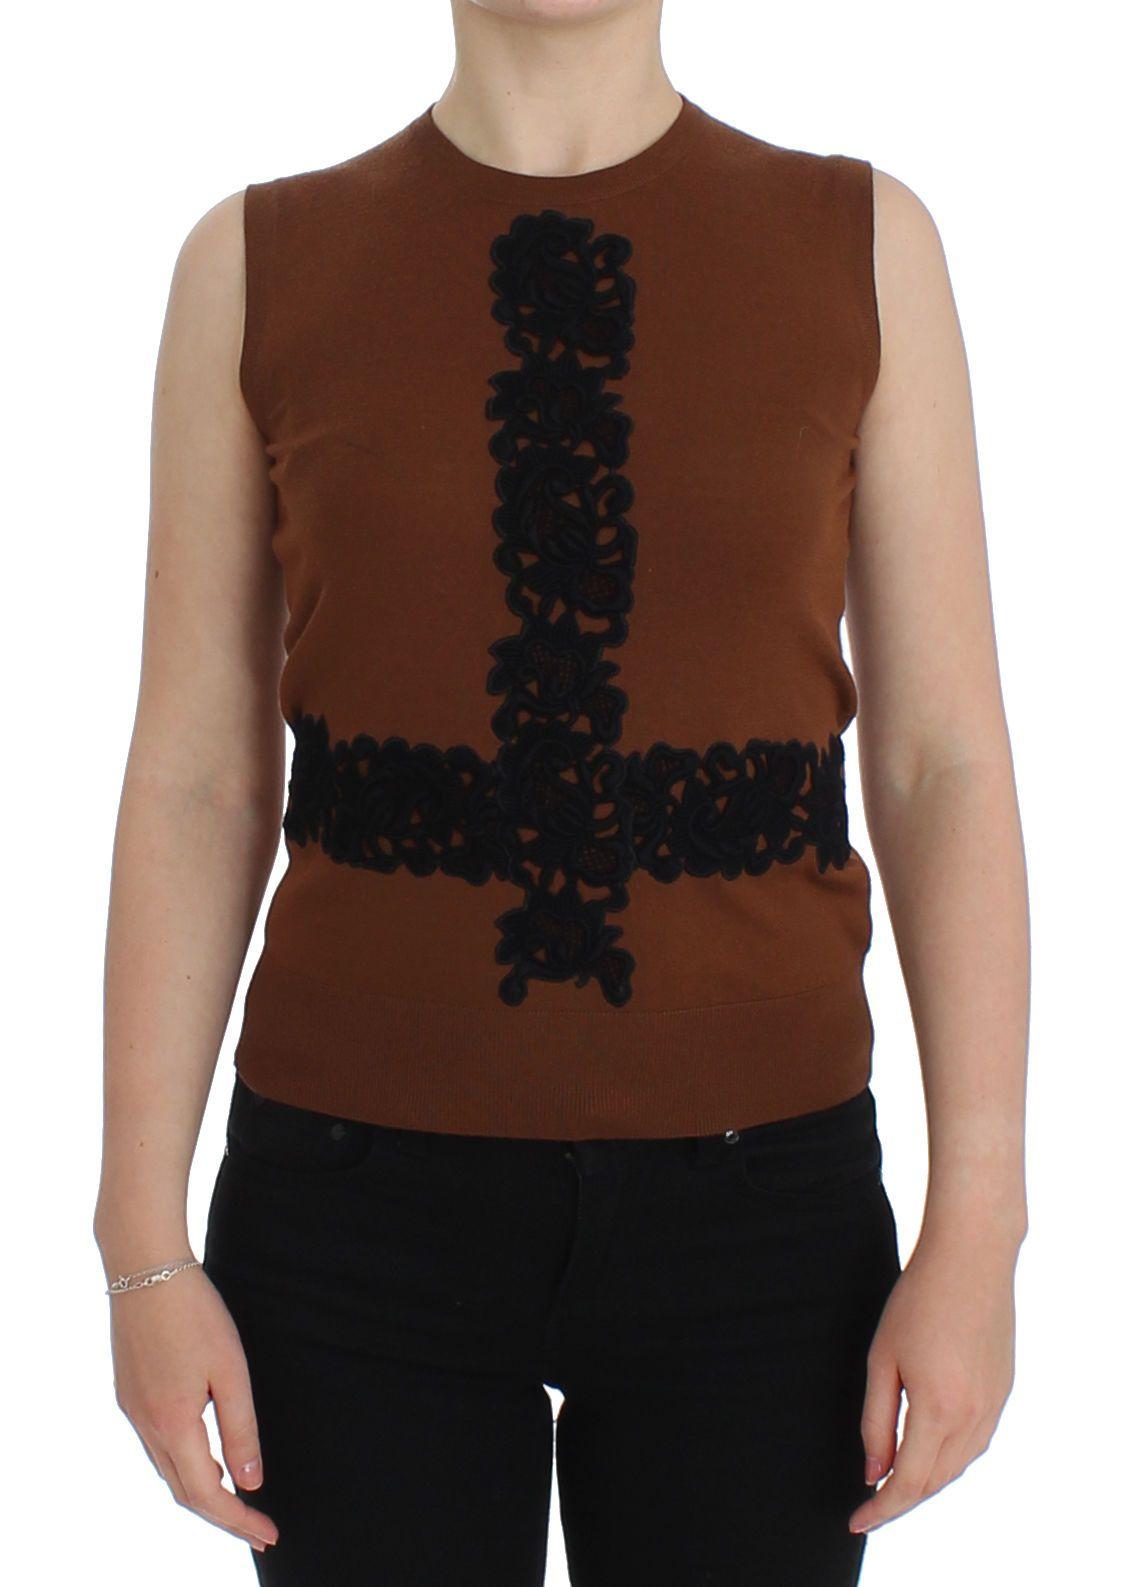 Dolce & Gabbana Women's Wool Lace Vest Top Beige SIG13245 - IT38|XS